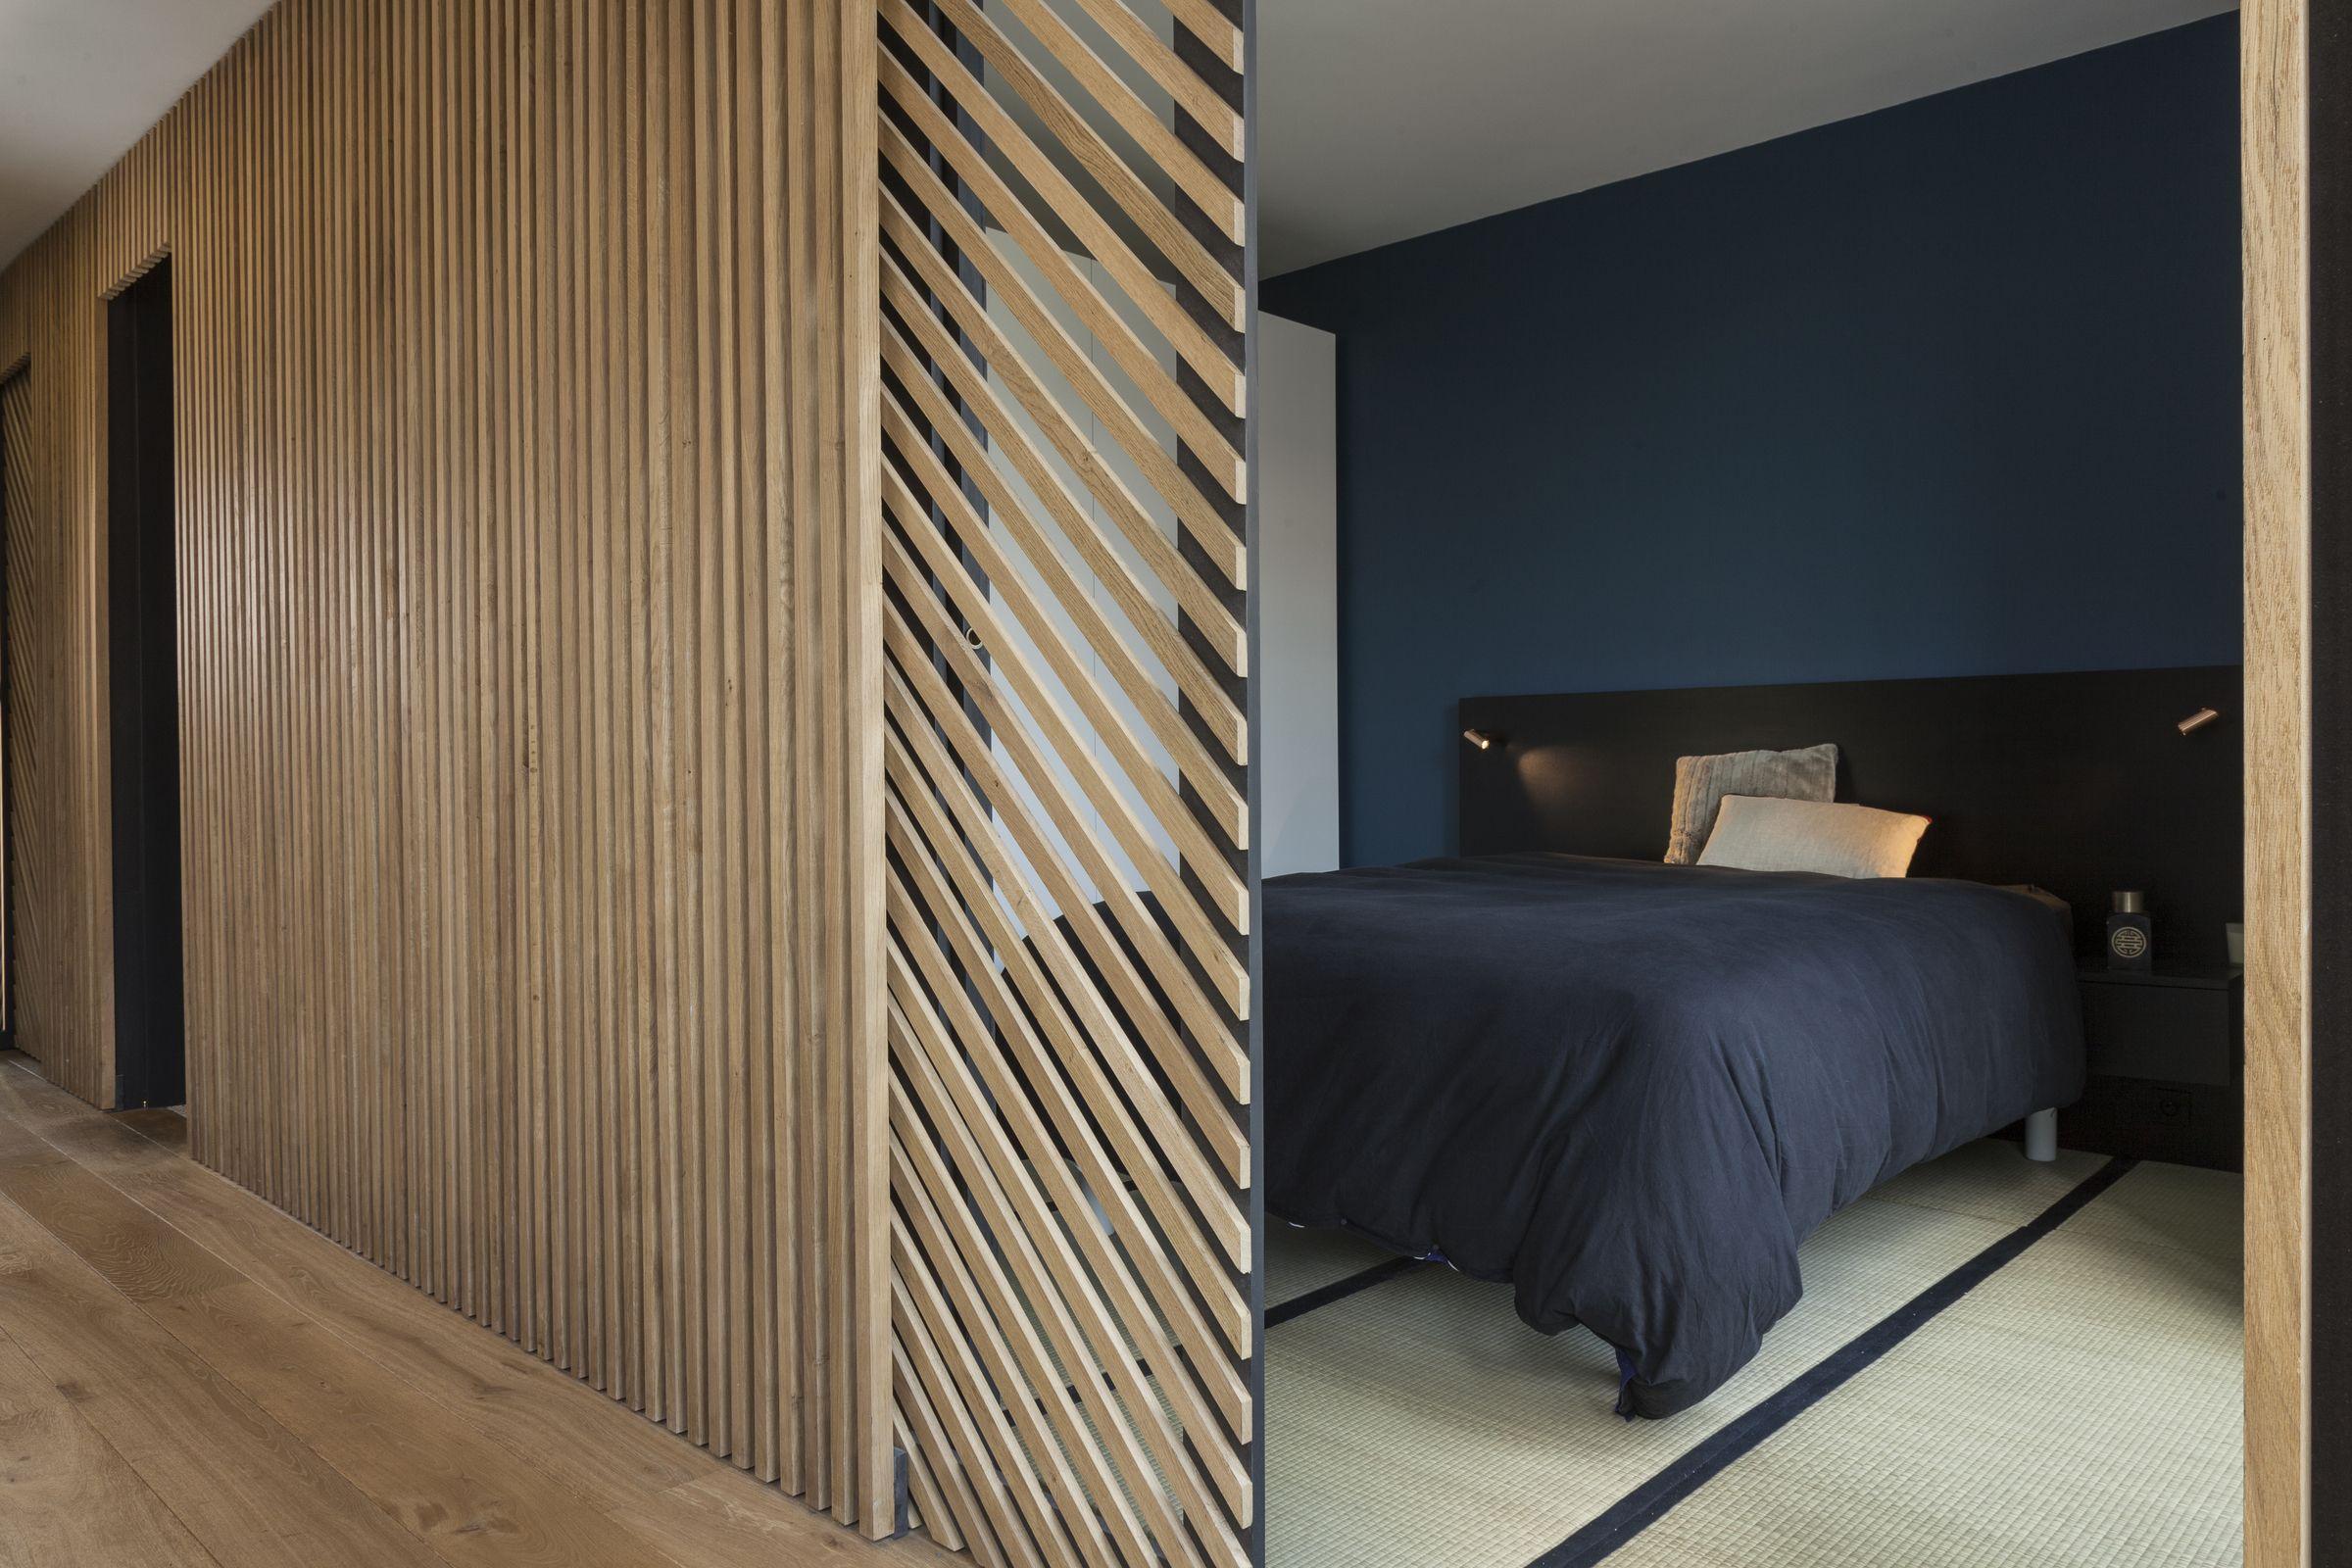 mur et porte coulissante en claustra tasseaux de bois sur ch ssis m tal avec des jeu de. Black Bedroom Furniture Sets. Home Design Ideas